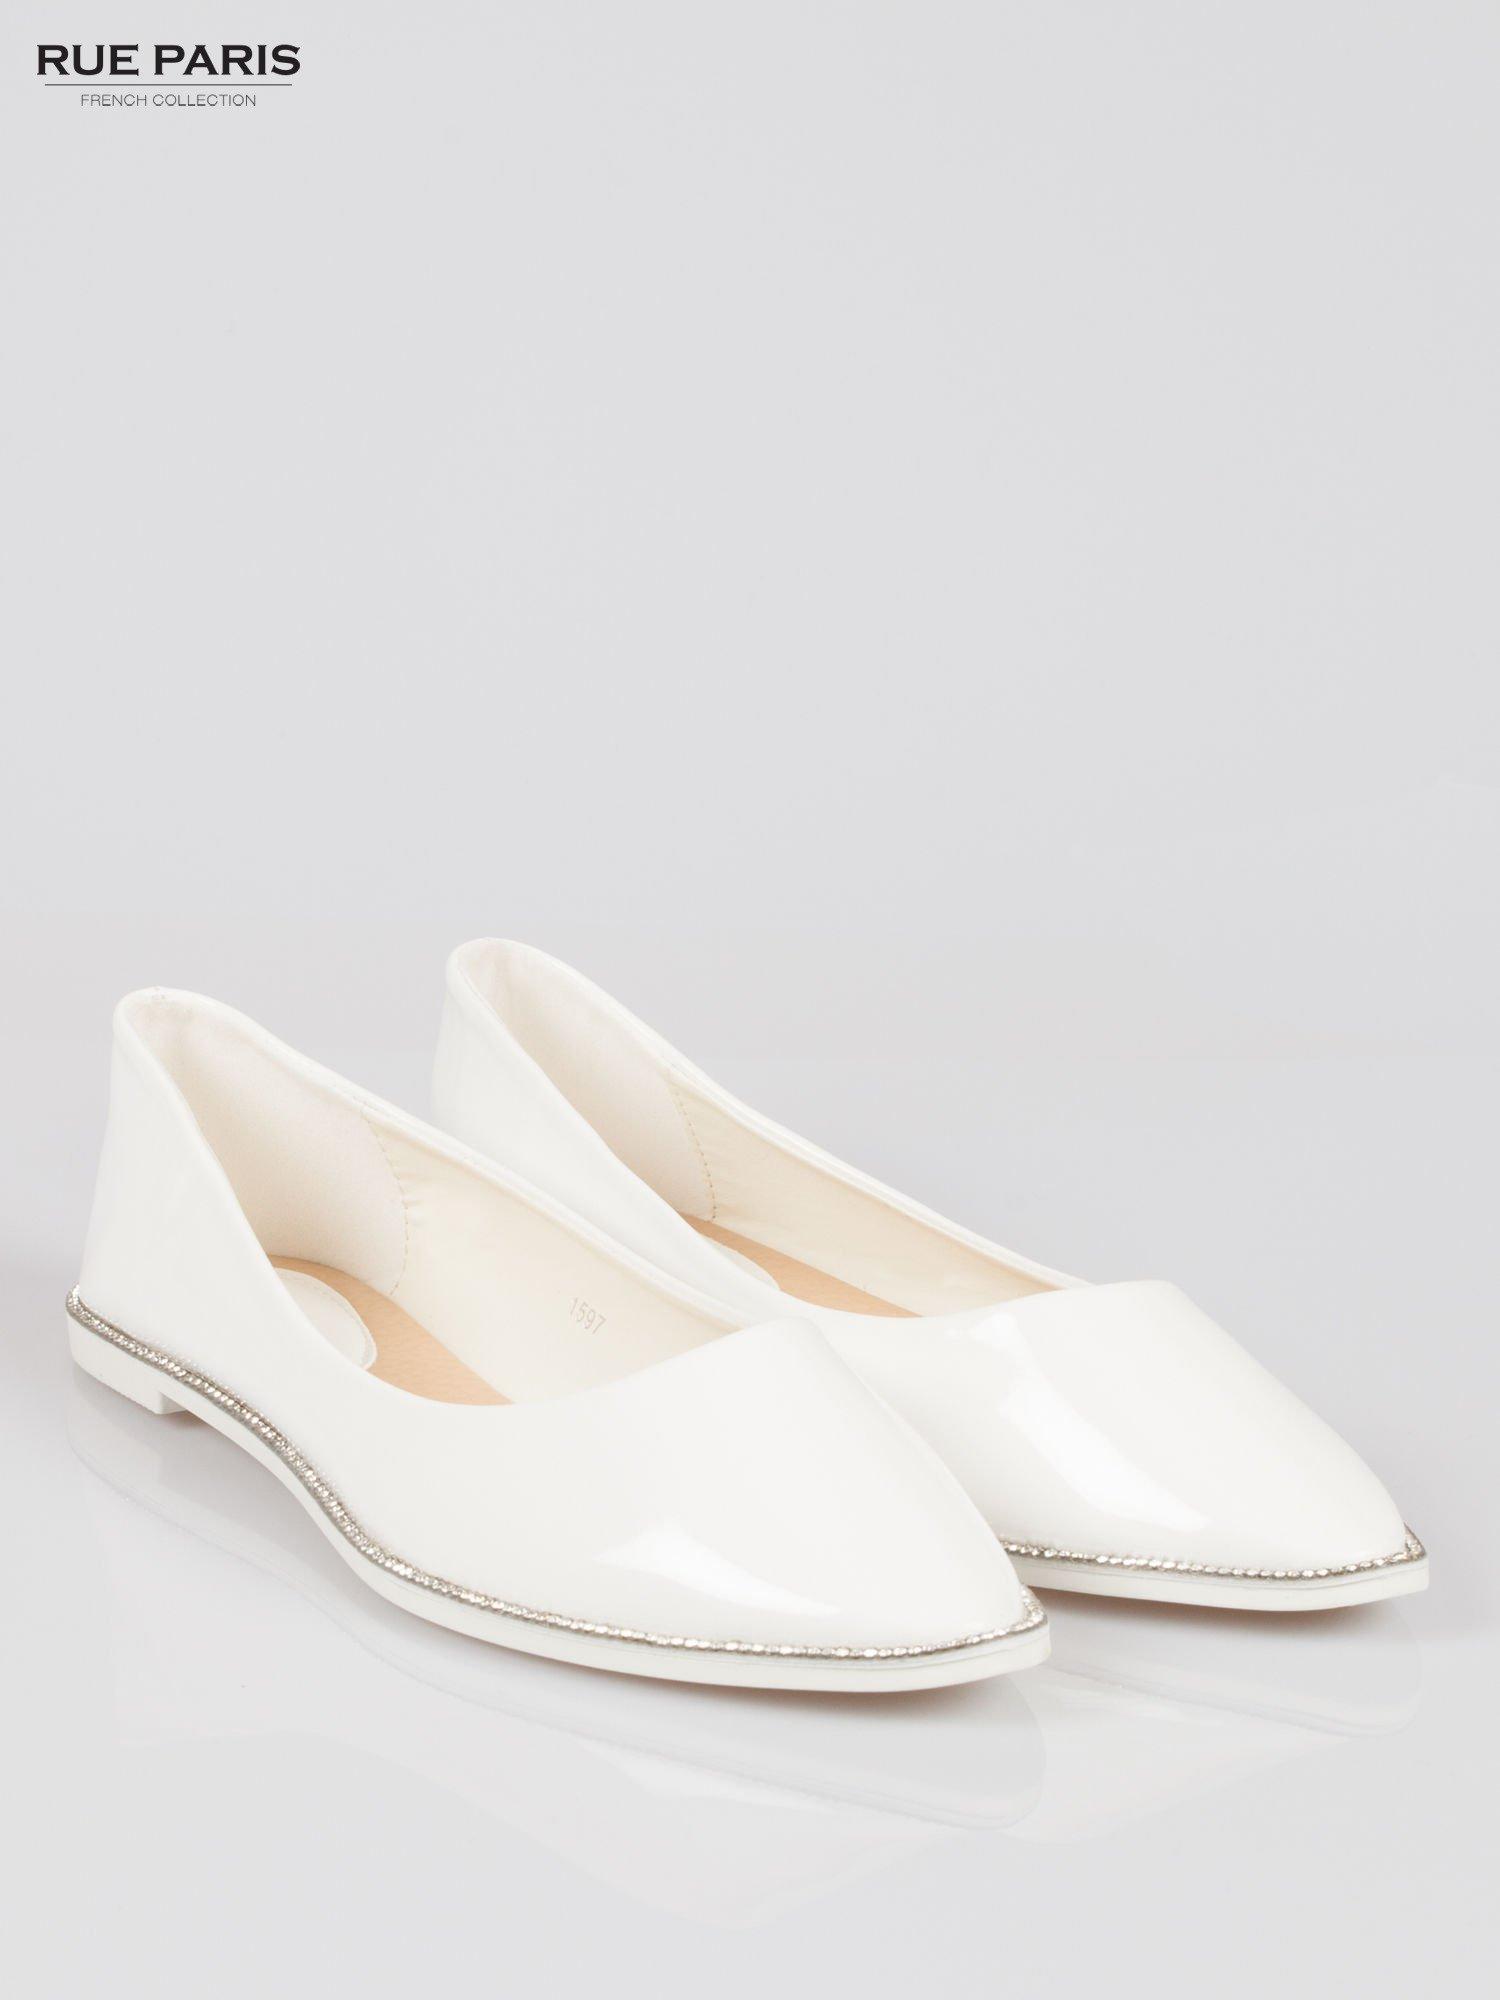 Białe lakierowane baleriny faux polish leather z metalicznym otokiem                                  zdj.                                  2